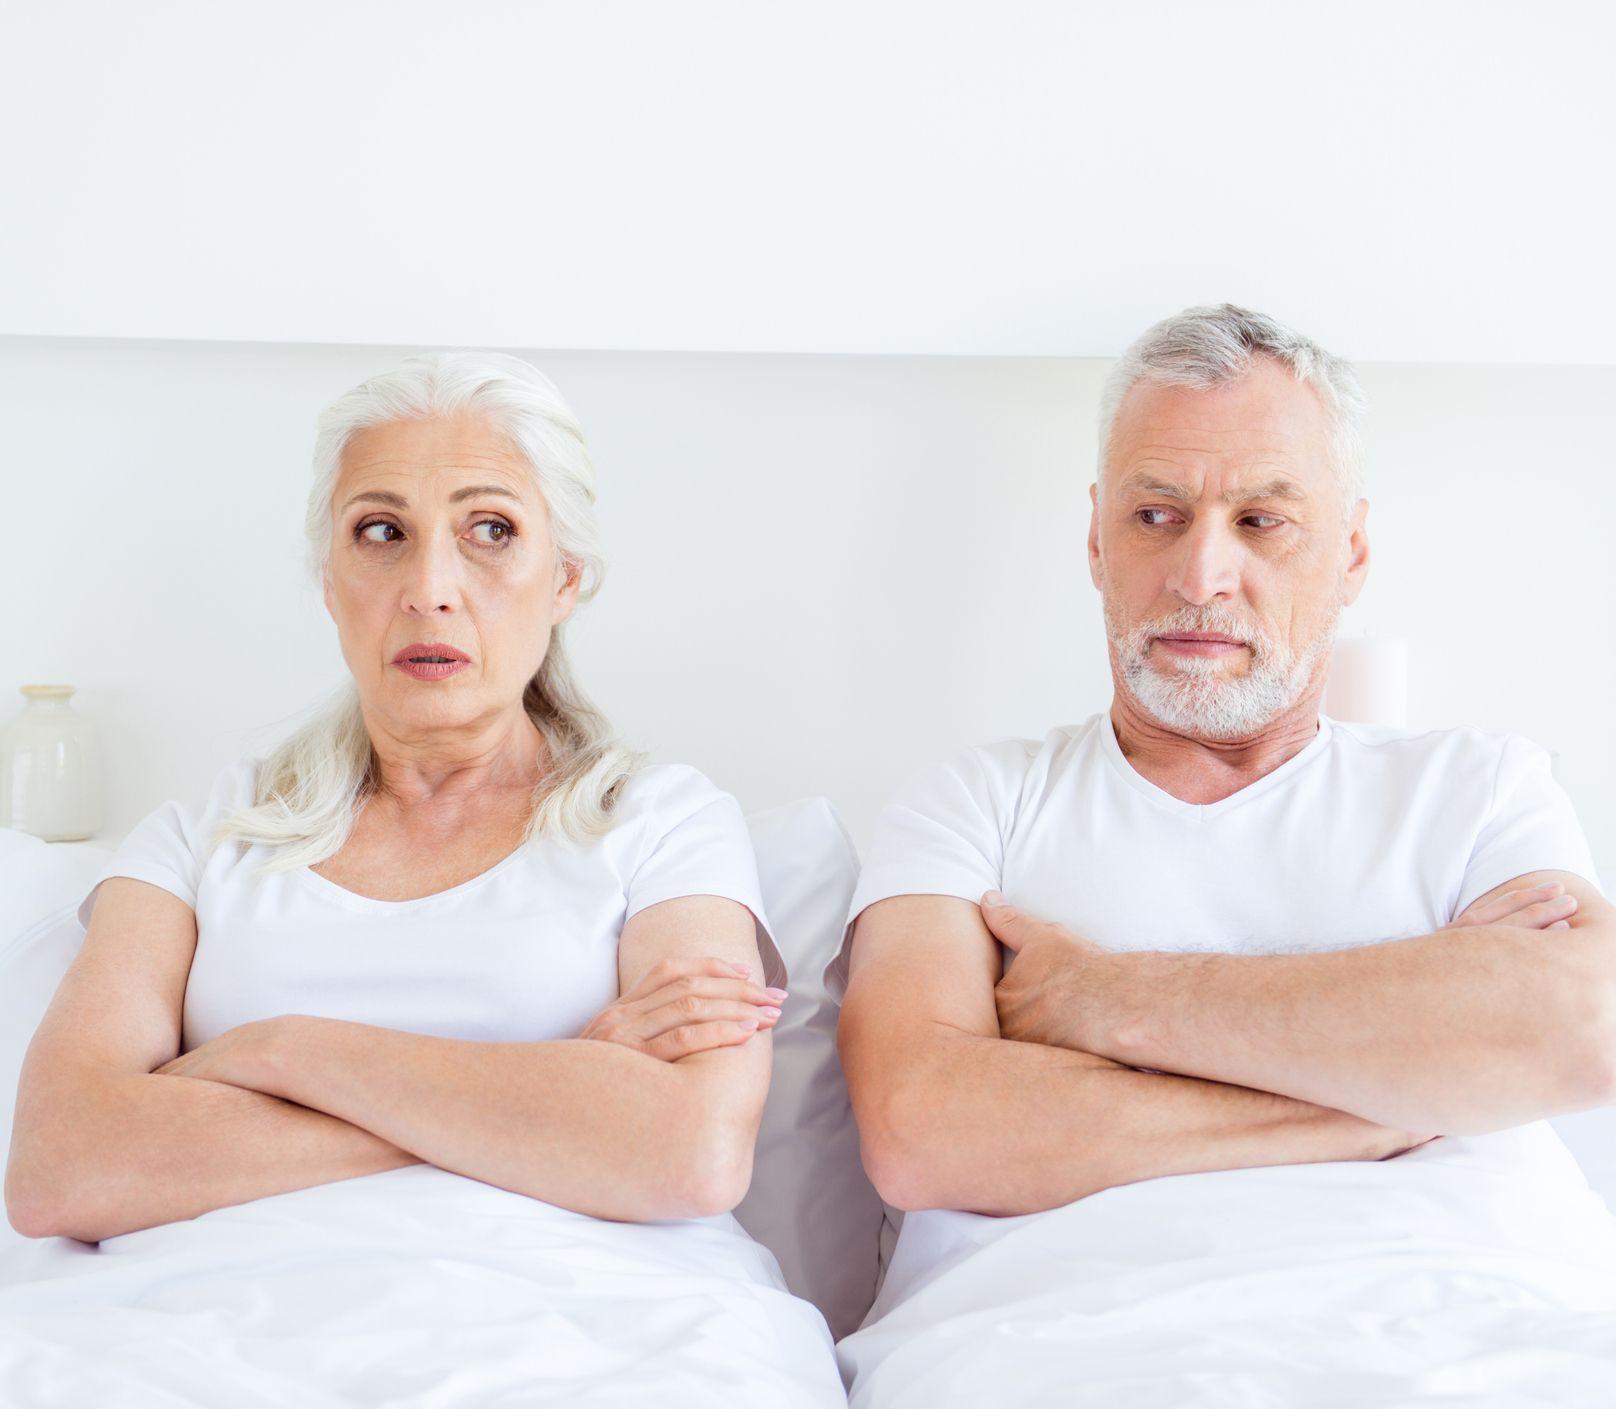 Odmietanie sexu môže byť chorobou: Ohrozuje vzťahy a uberá na radosti zo života